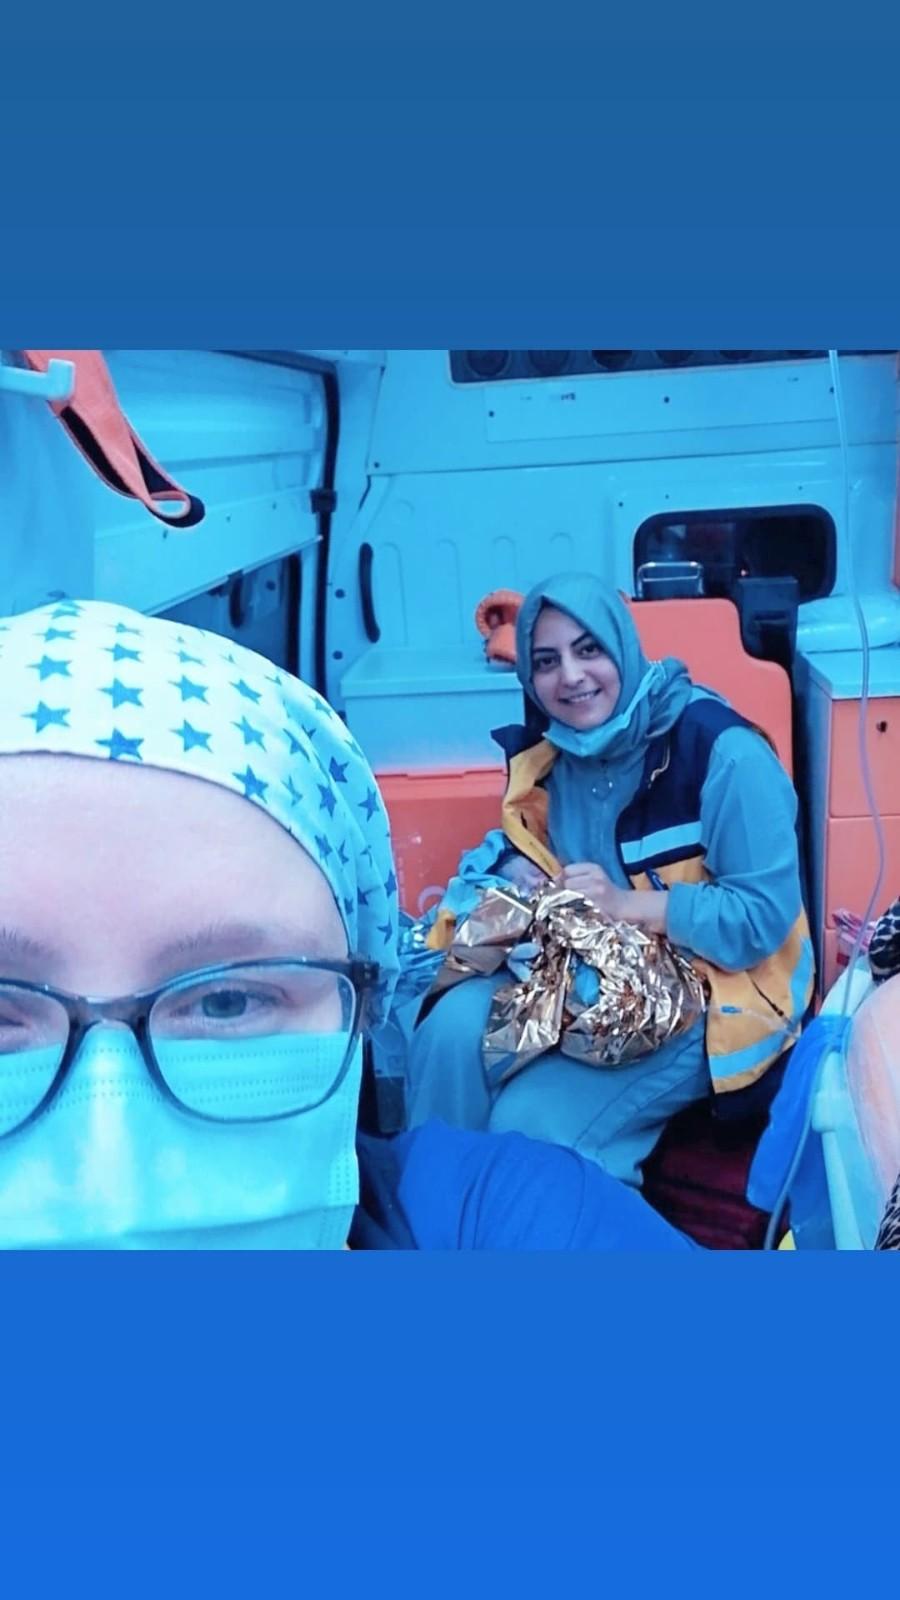 Sancıları başlayan kadın hastaneye kaldırılırken ambulansta doğum yaptı